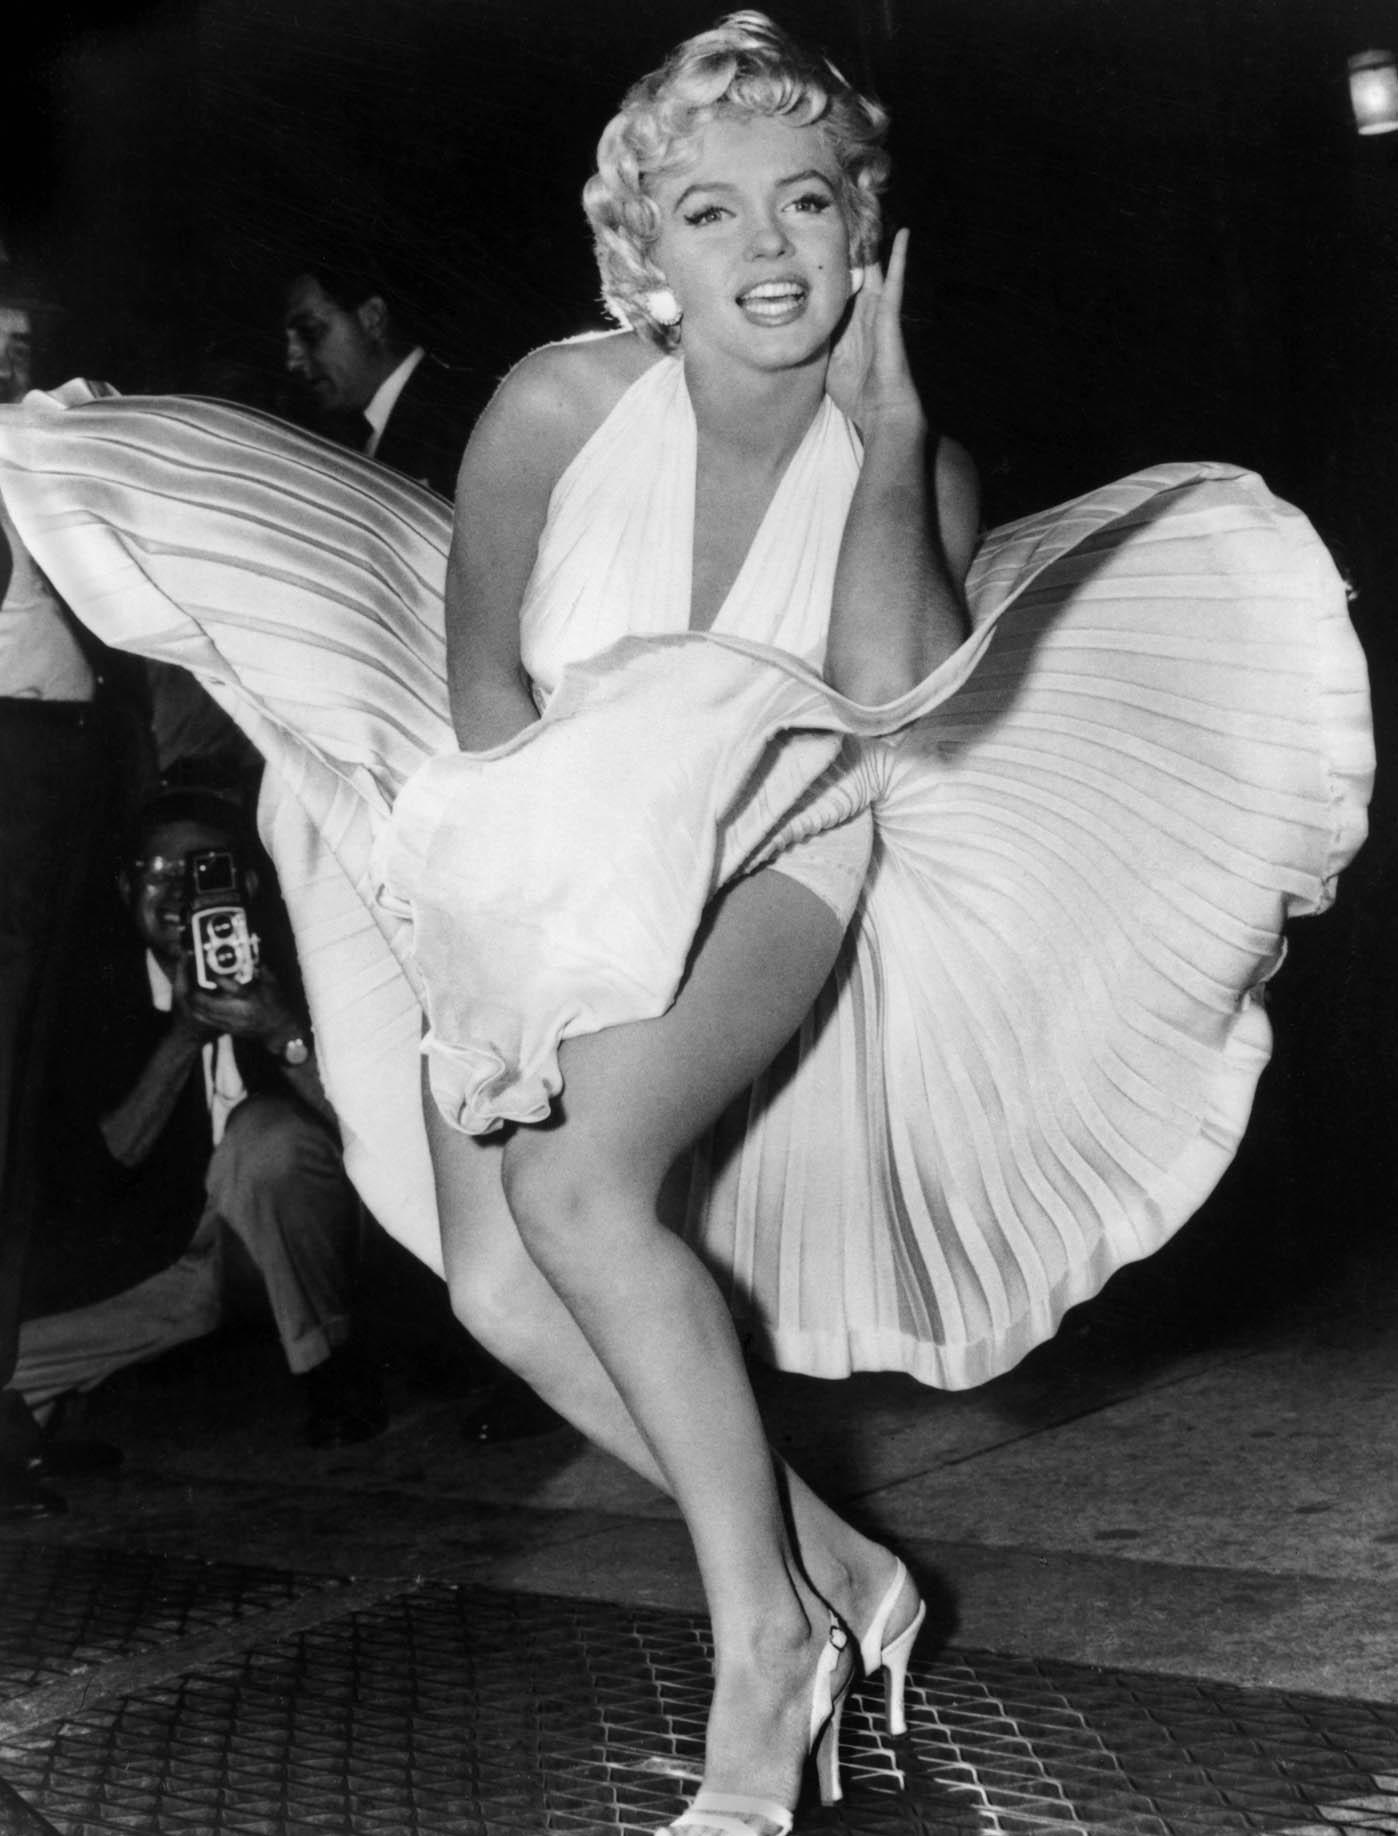 """Đêm cuối của """"quả bom sex"""" Marilyn Monroe bên ông trùm sừng sỏ nhất nước Mỹ - 2"""